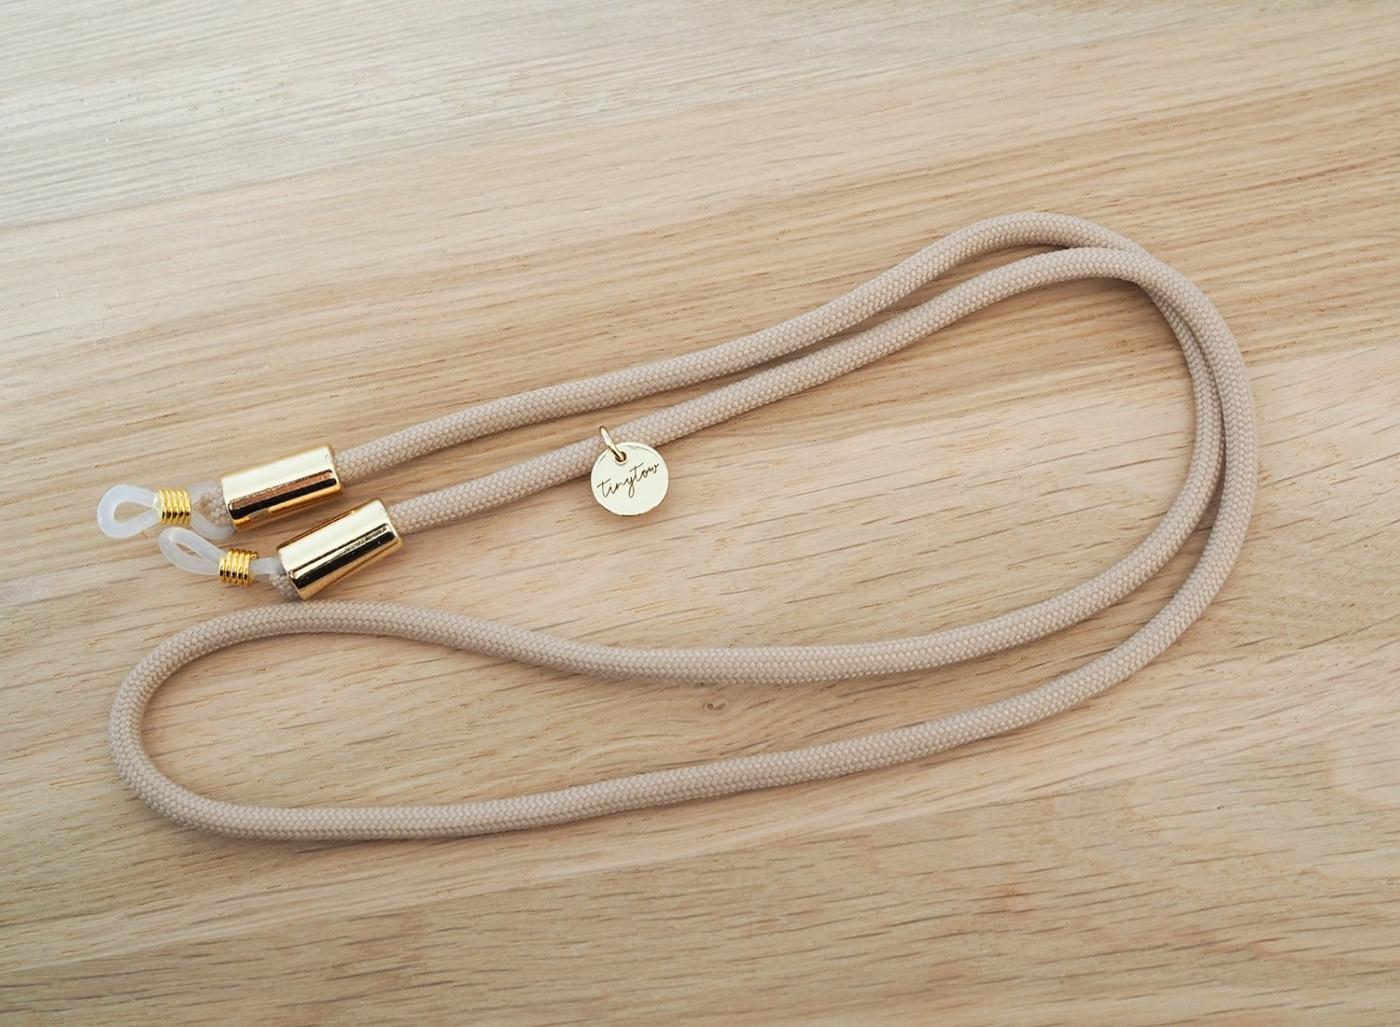 Beigefarbenes Brillenband mit Silikonösen und goldenen Details